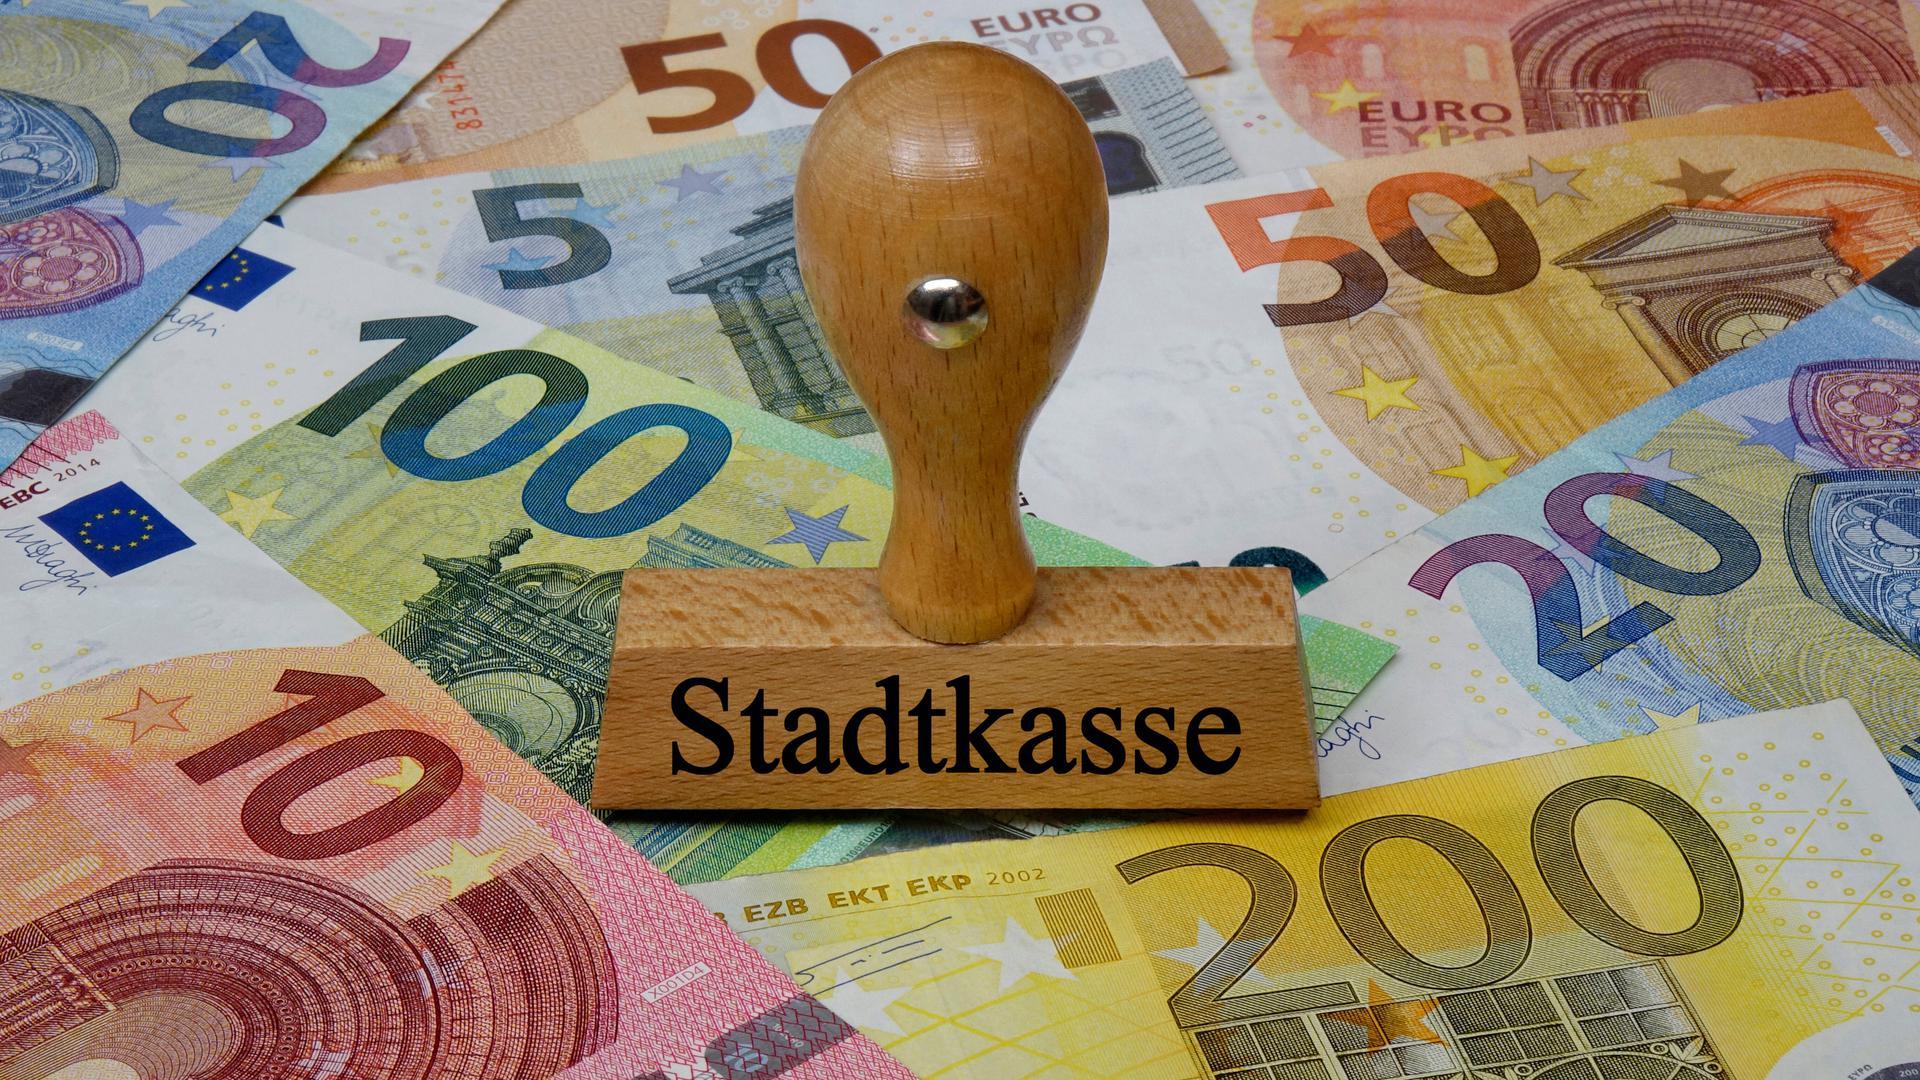 Geld für Schulden: In Zeiten von Negativzins könnten Kommunen ihre Schulden nutzen, um Geld zu verdienen, sagt ein Experte. Karlsruhe macht es vor, wenn bislang auch in bescheidenem Rahmen.